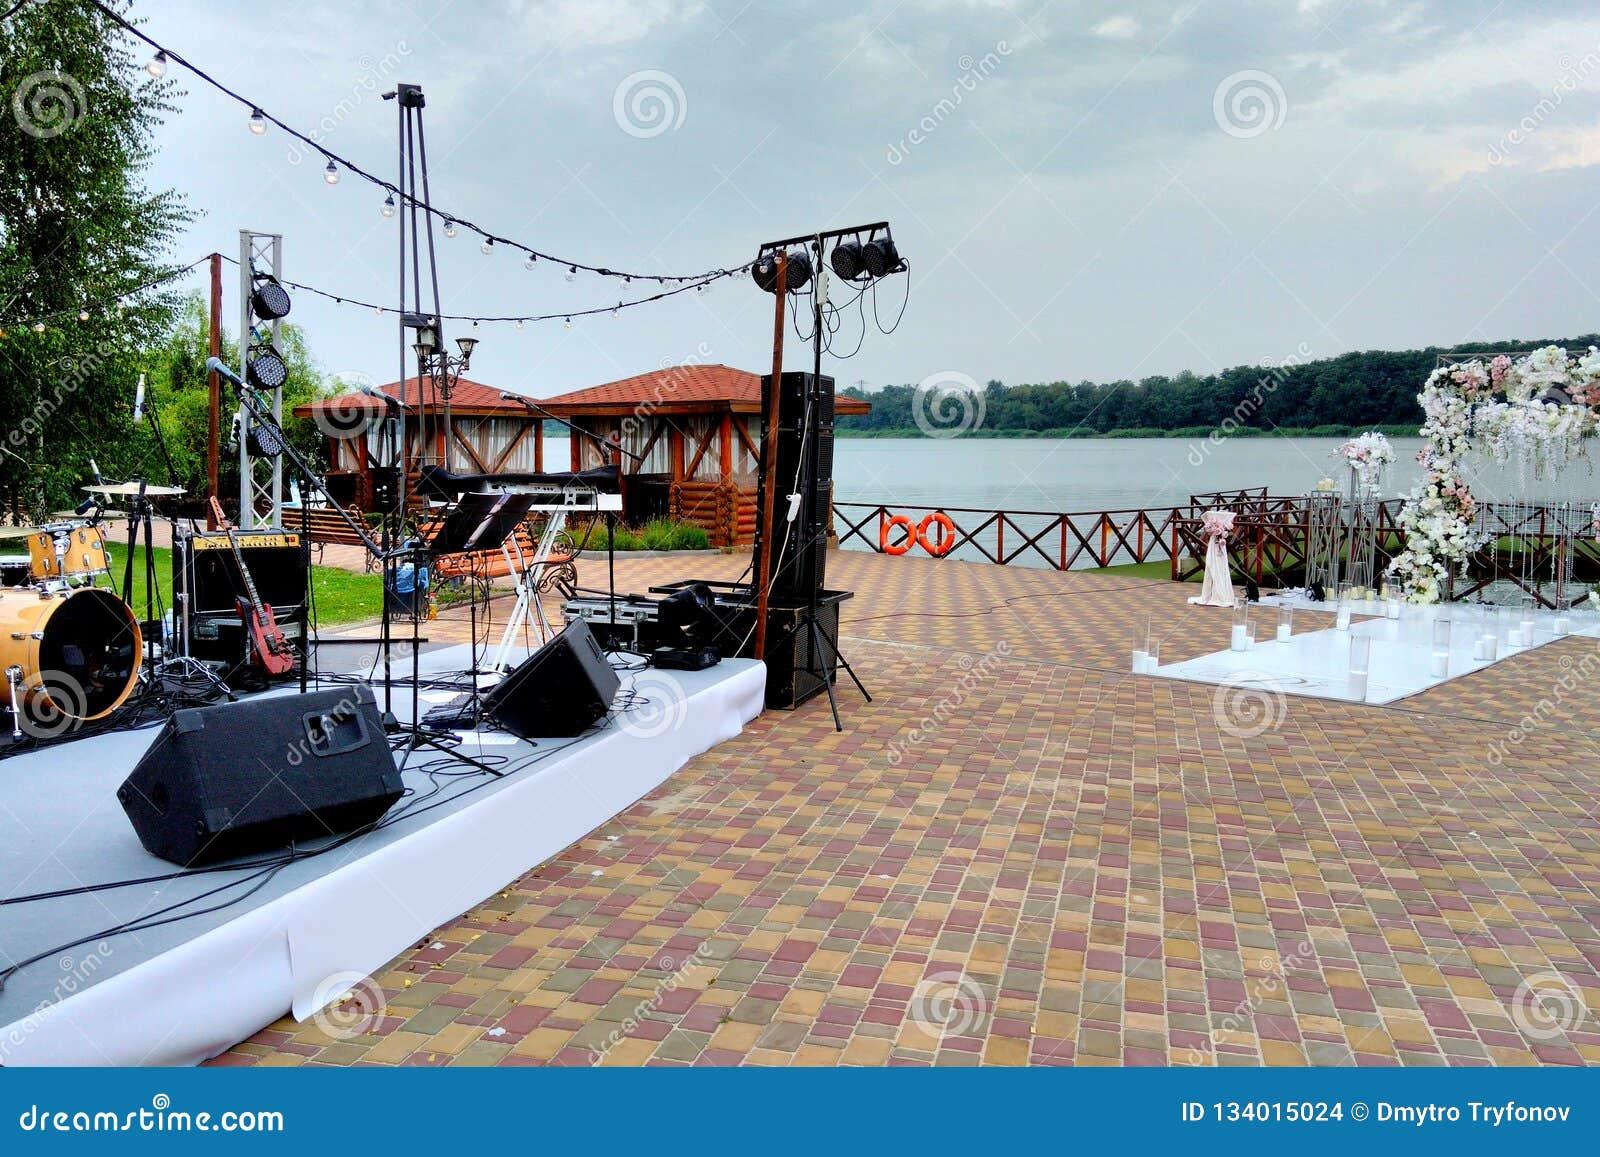 Arco di scena e di nozze di musica, organizzazione delle feste